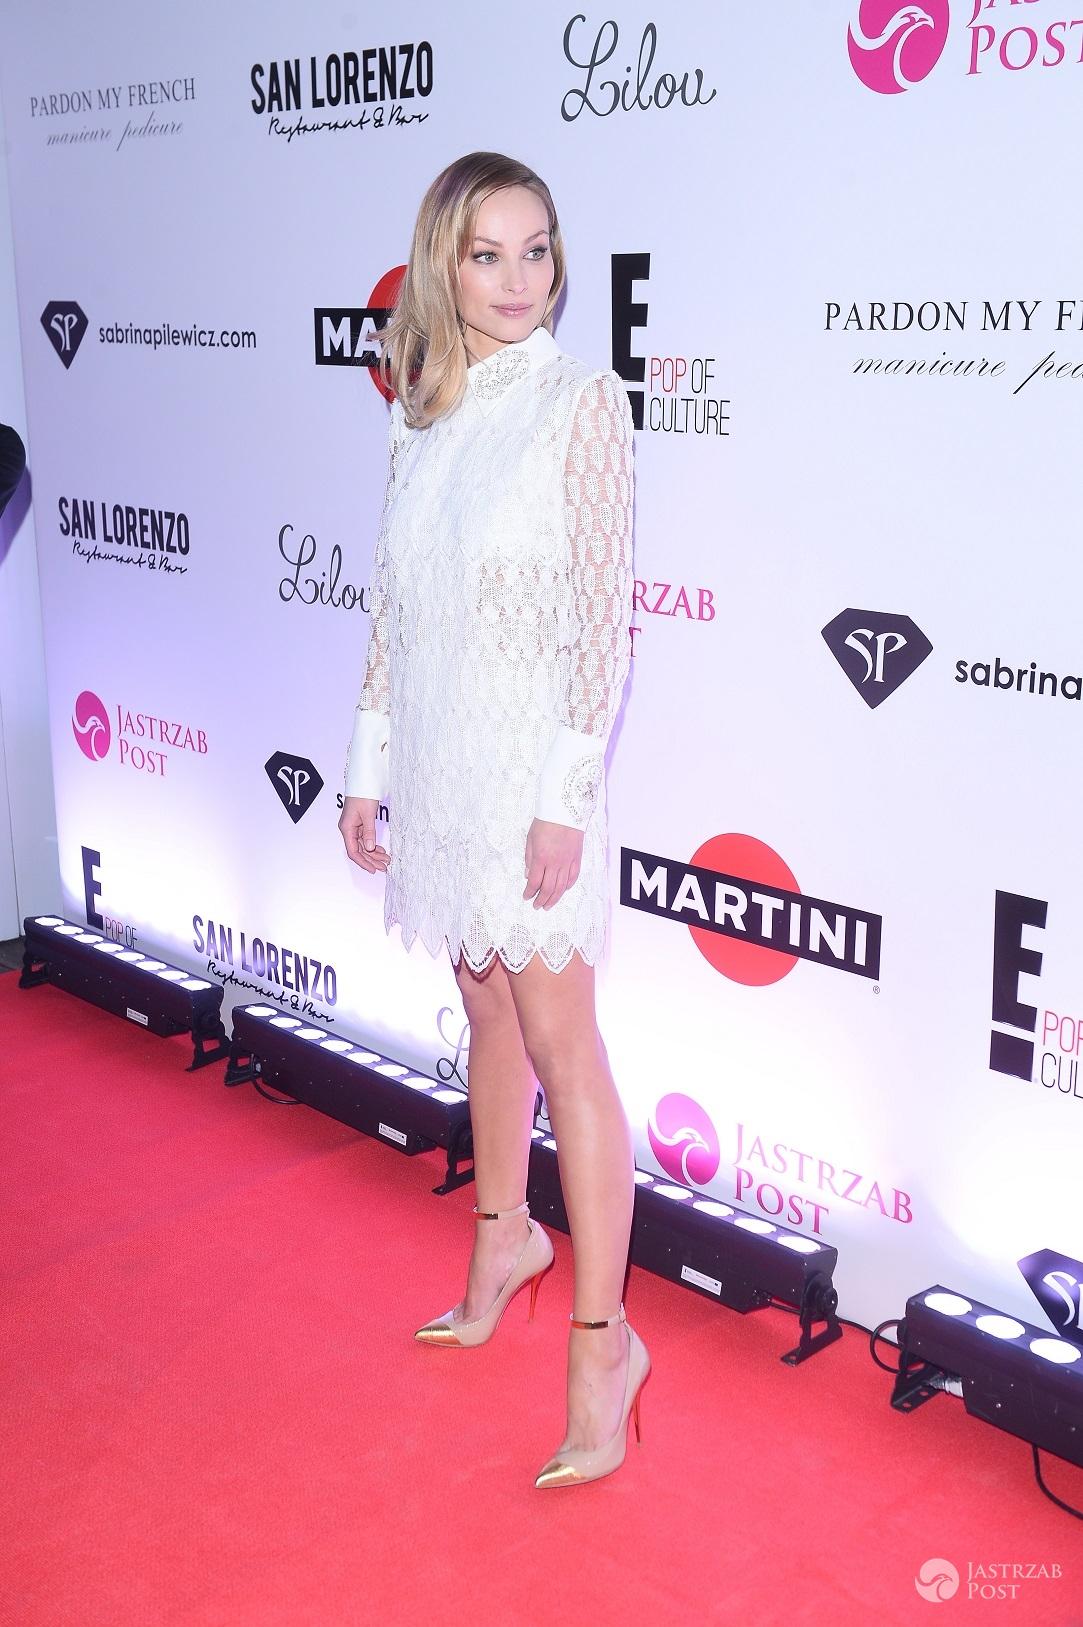 Weronika Książkiewicz - Impreza oskarowa 2016 z E! Entertainment, Martini i Jastrząb Post